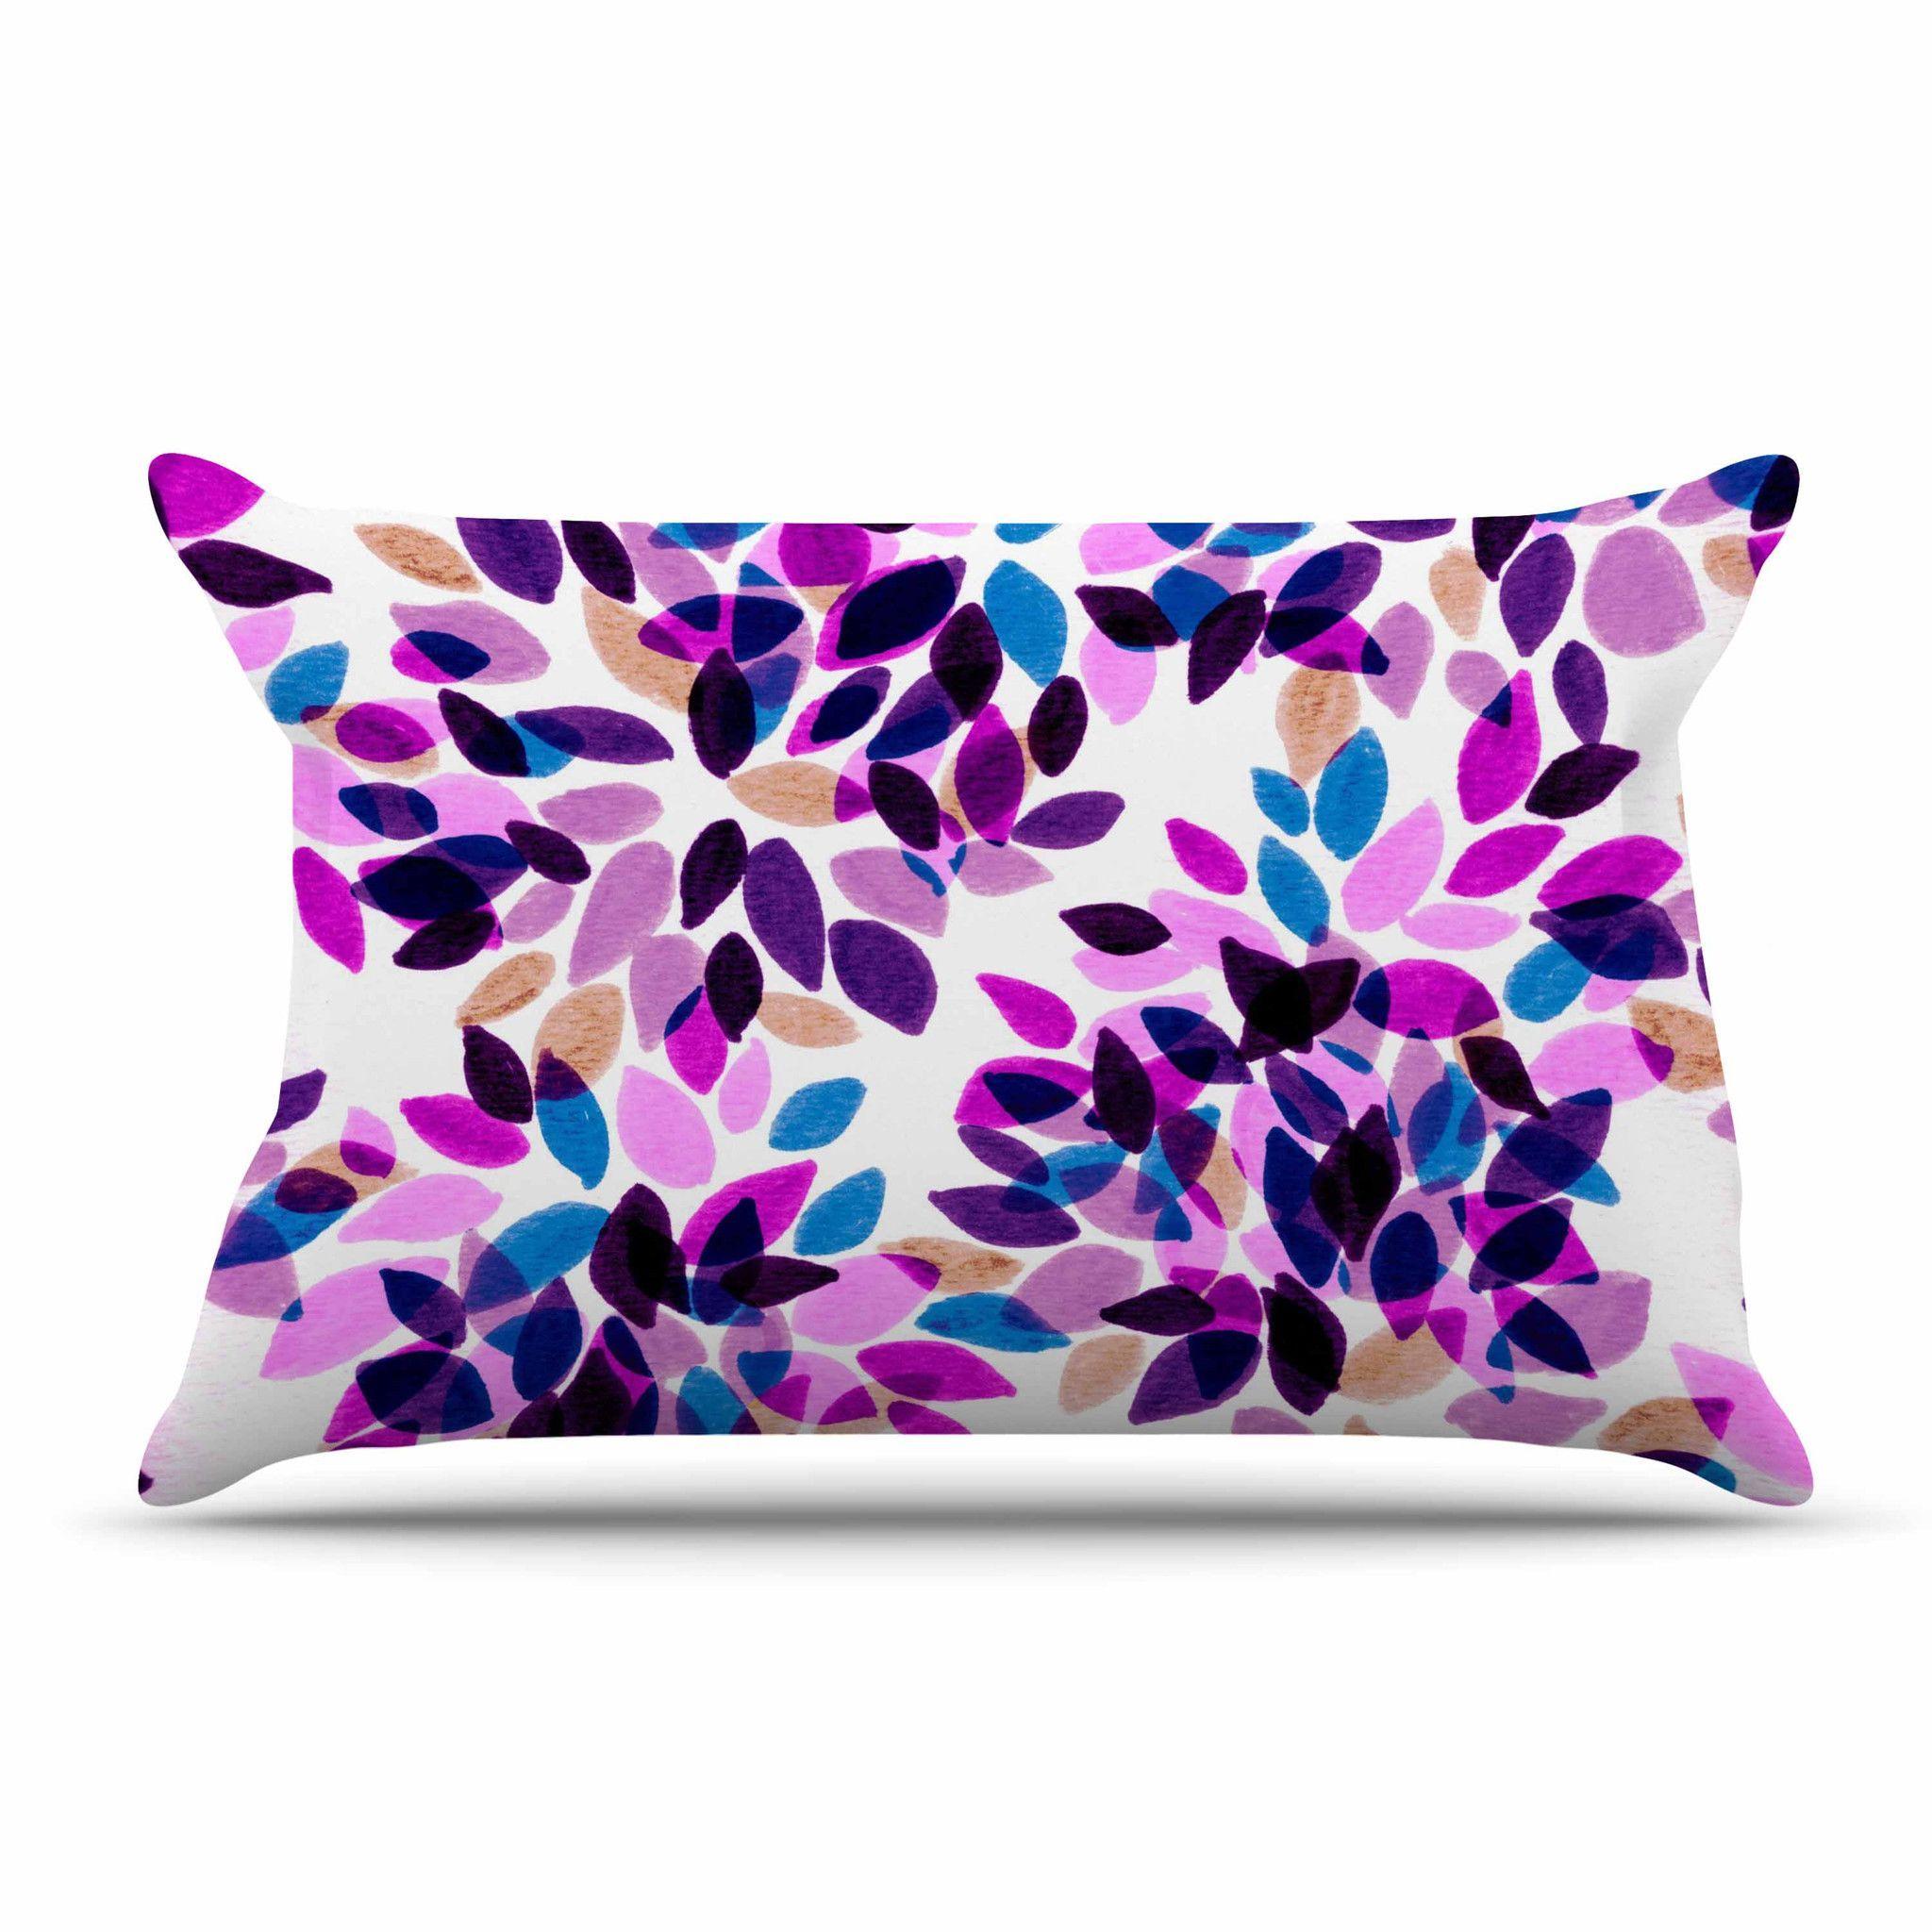 splash of color dots pillowcase